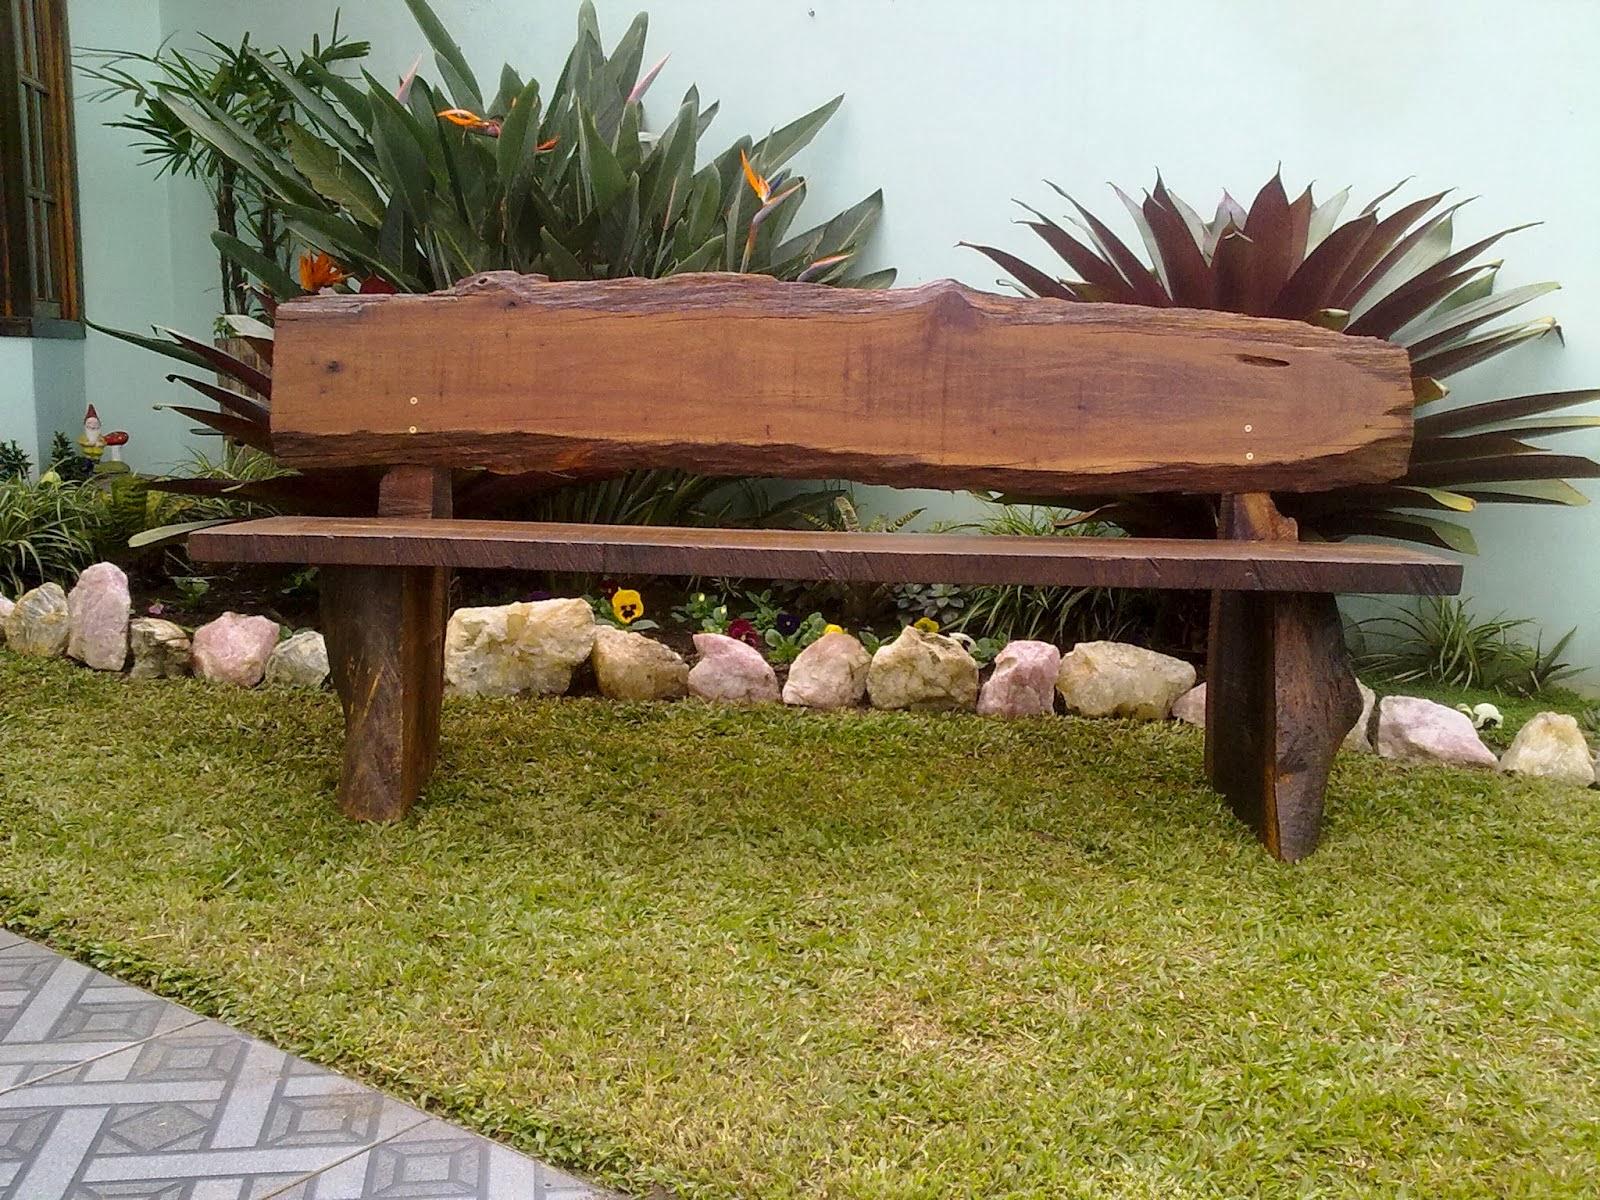 banco de jardim de madeira Decoração Ideias para Bancos de Jardim